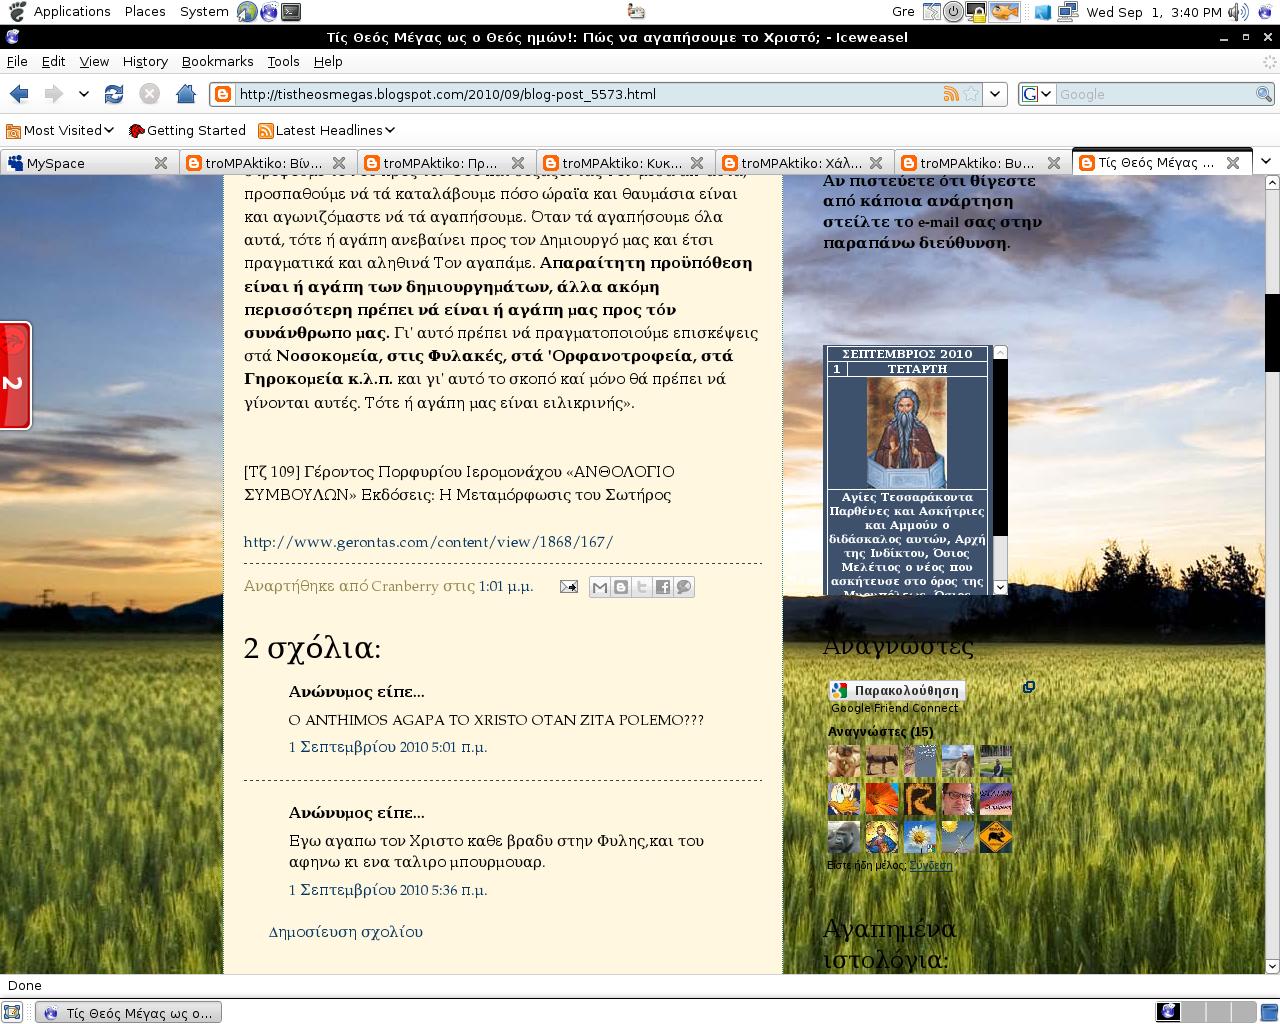 μακελαρησ νεα ζηλανδια Twitter: Troll Of Indymedia: Σεπτεμβρίου 2010